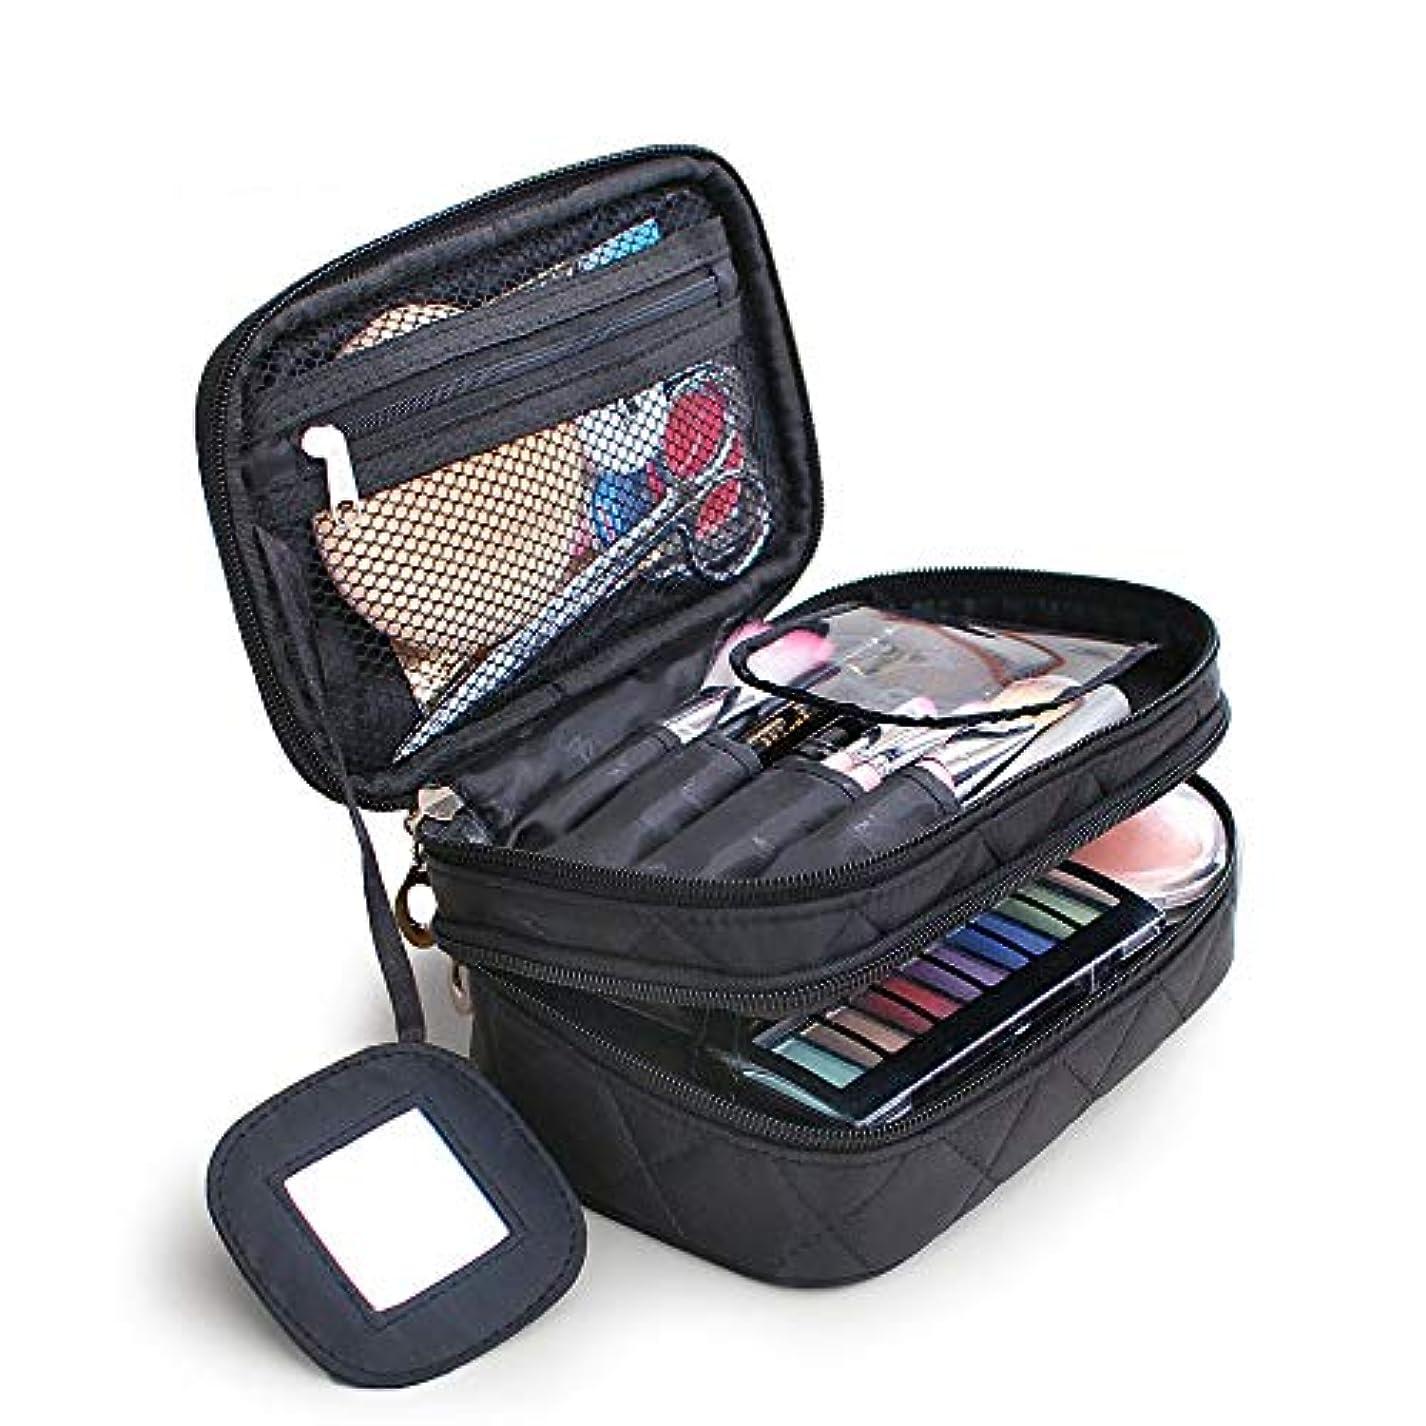 保証する傾斜リボン化粧バッグ プロ 化粧箱 高品質 大容量 化粧品収納バッグ ウォッシュバッグ 防水化粧品ケースナイロンブラック化粧品袋収納袋